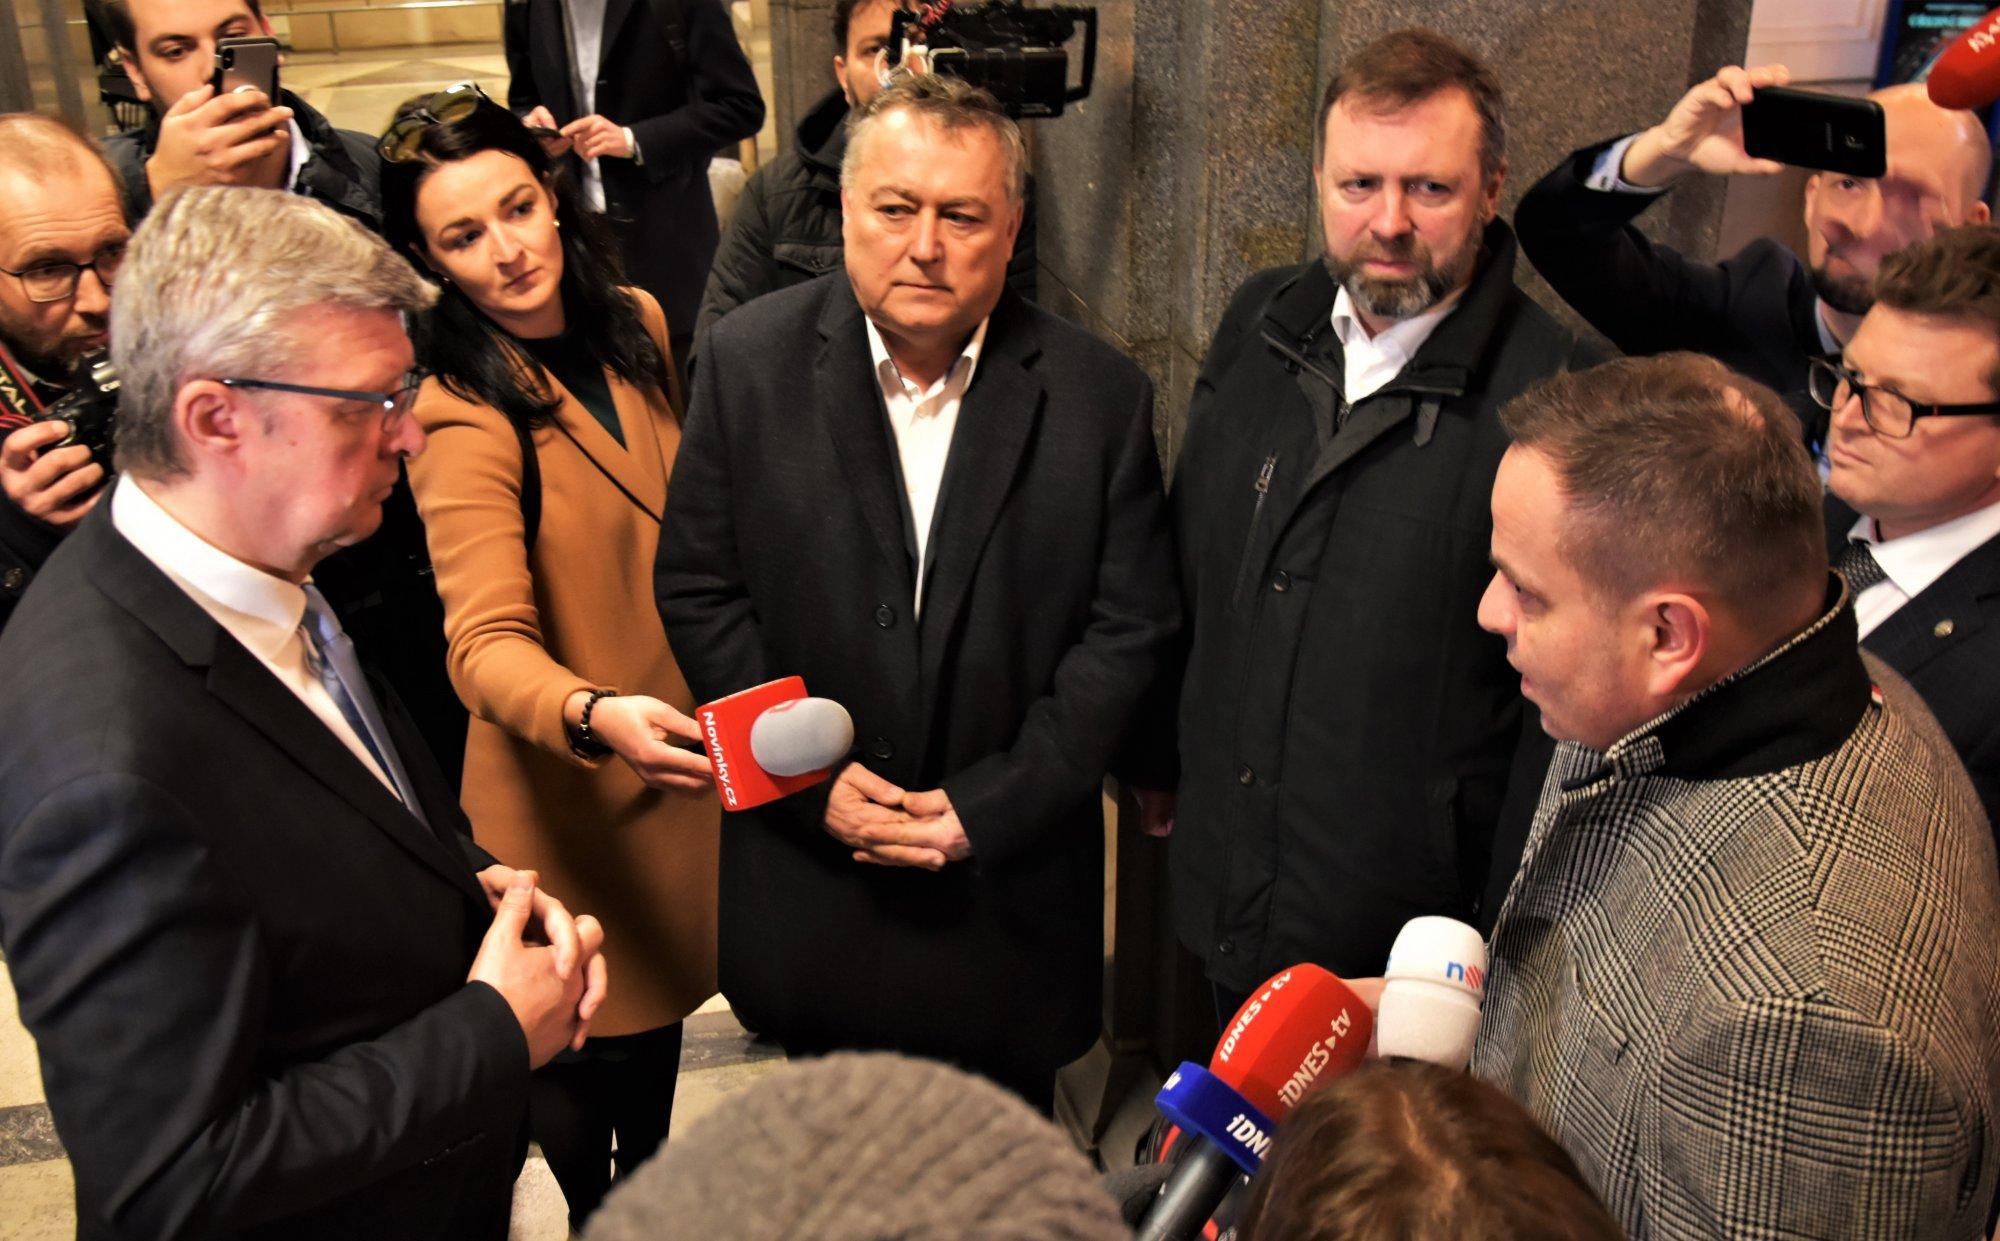 ODS: Na ministerstvu jsme se přesvědčili, že hnutí ANO dopravě škodí